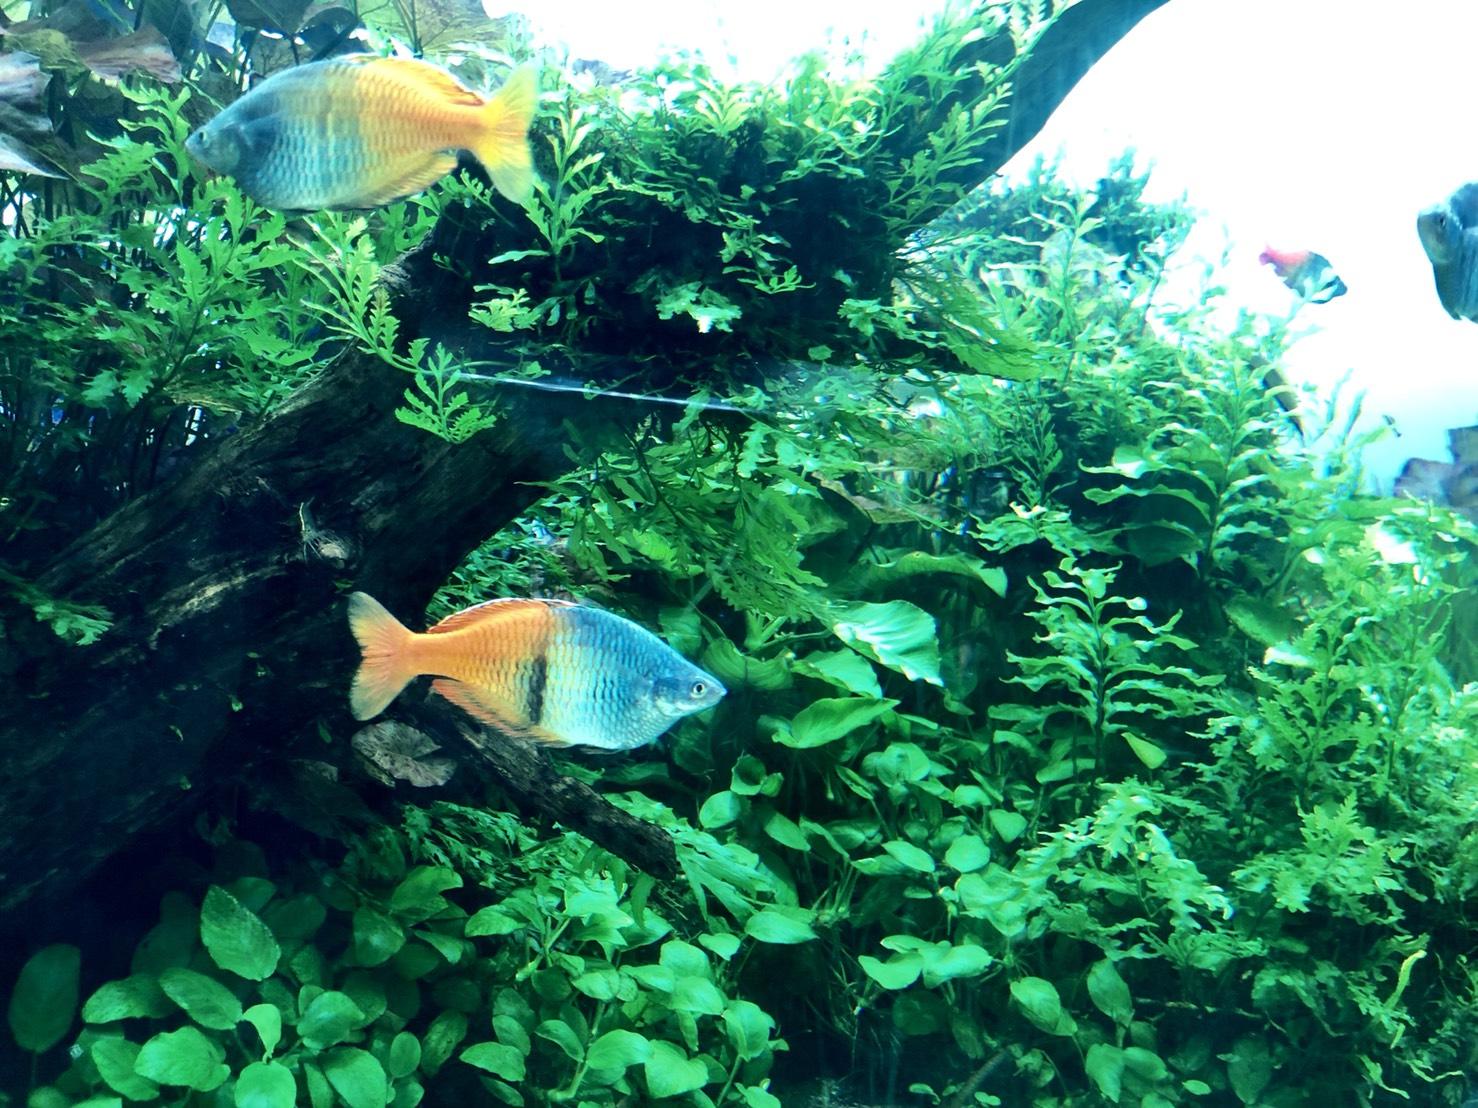 熱帯魚について詳しいことは分かりません…